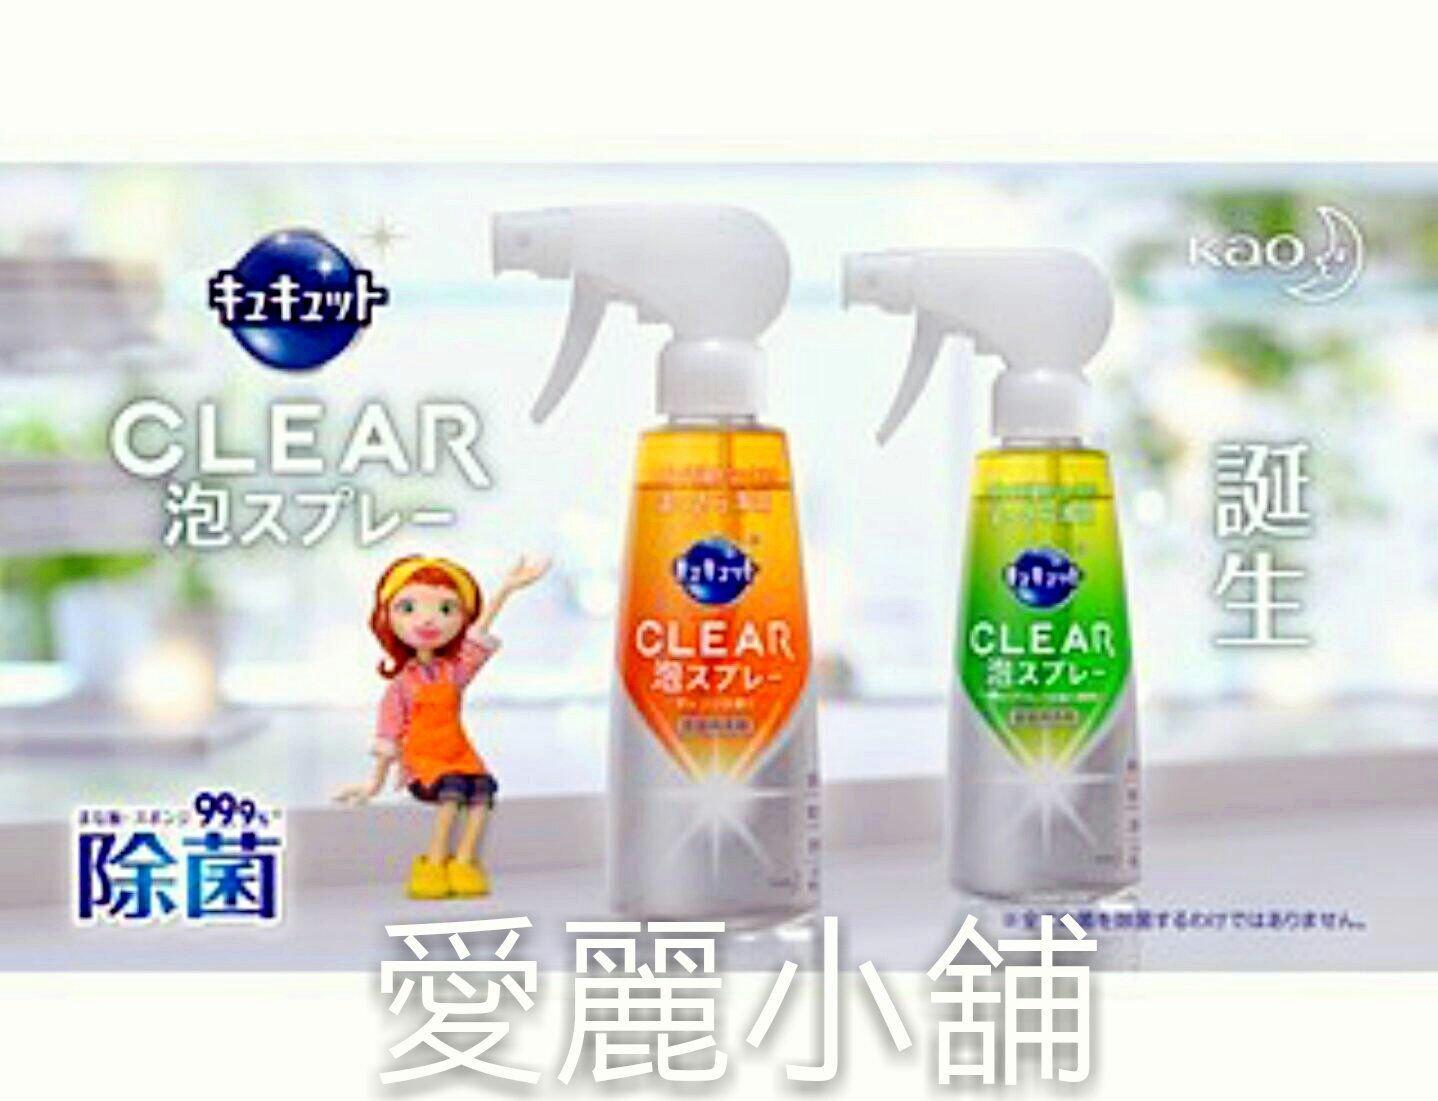 花王KAO Kyukyutto CLEAR 泡沫洗碗噴霧 洗碗精 廚房清潔 300ml (柳橙 葡萄柚)※愛麗小舖